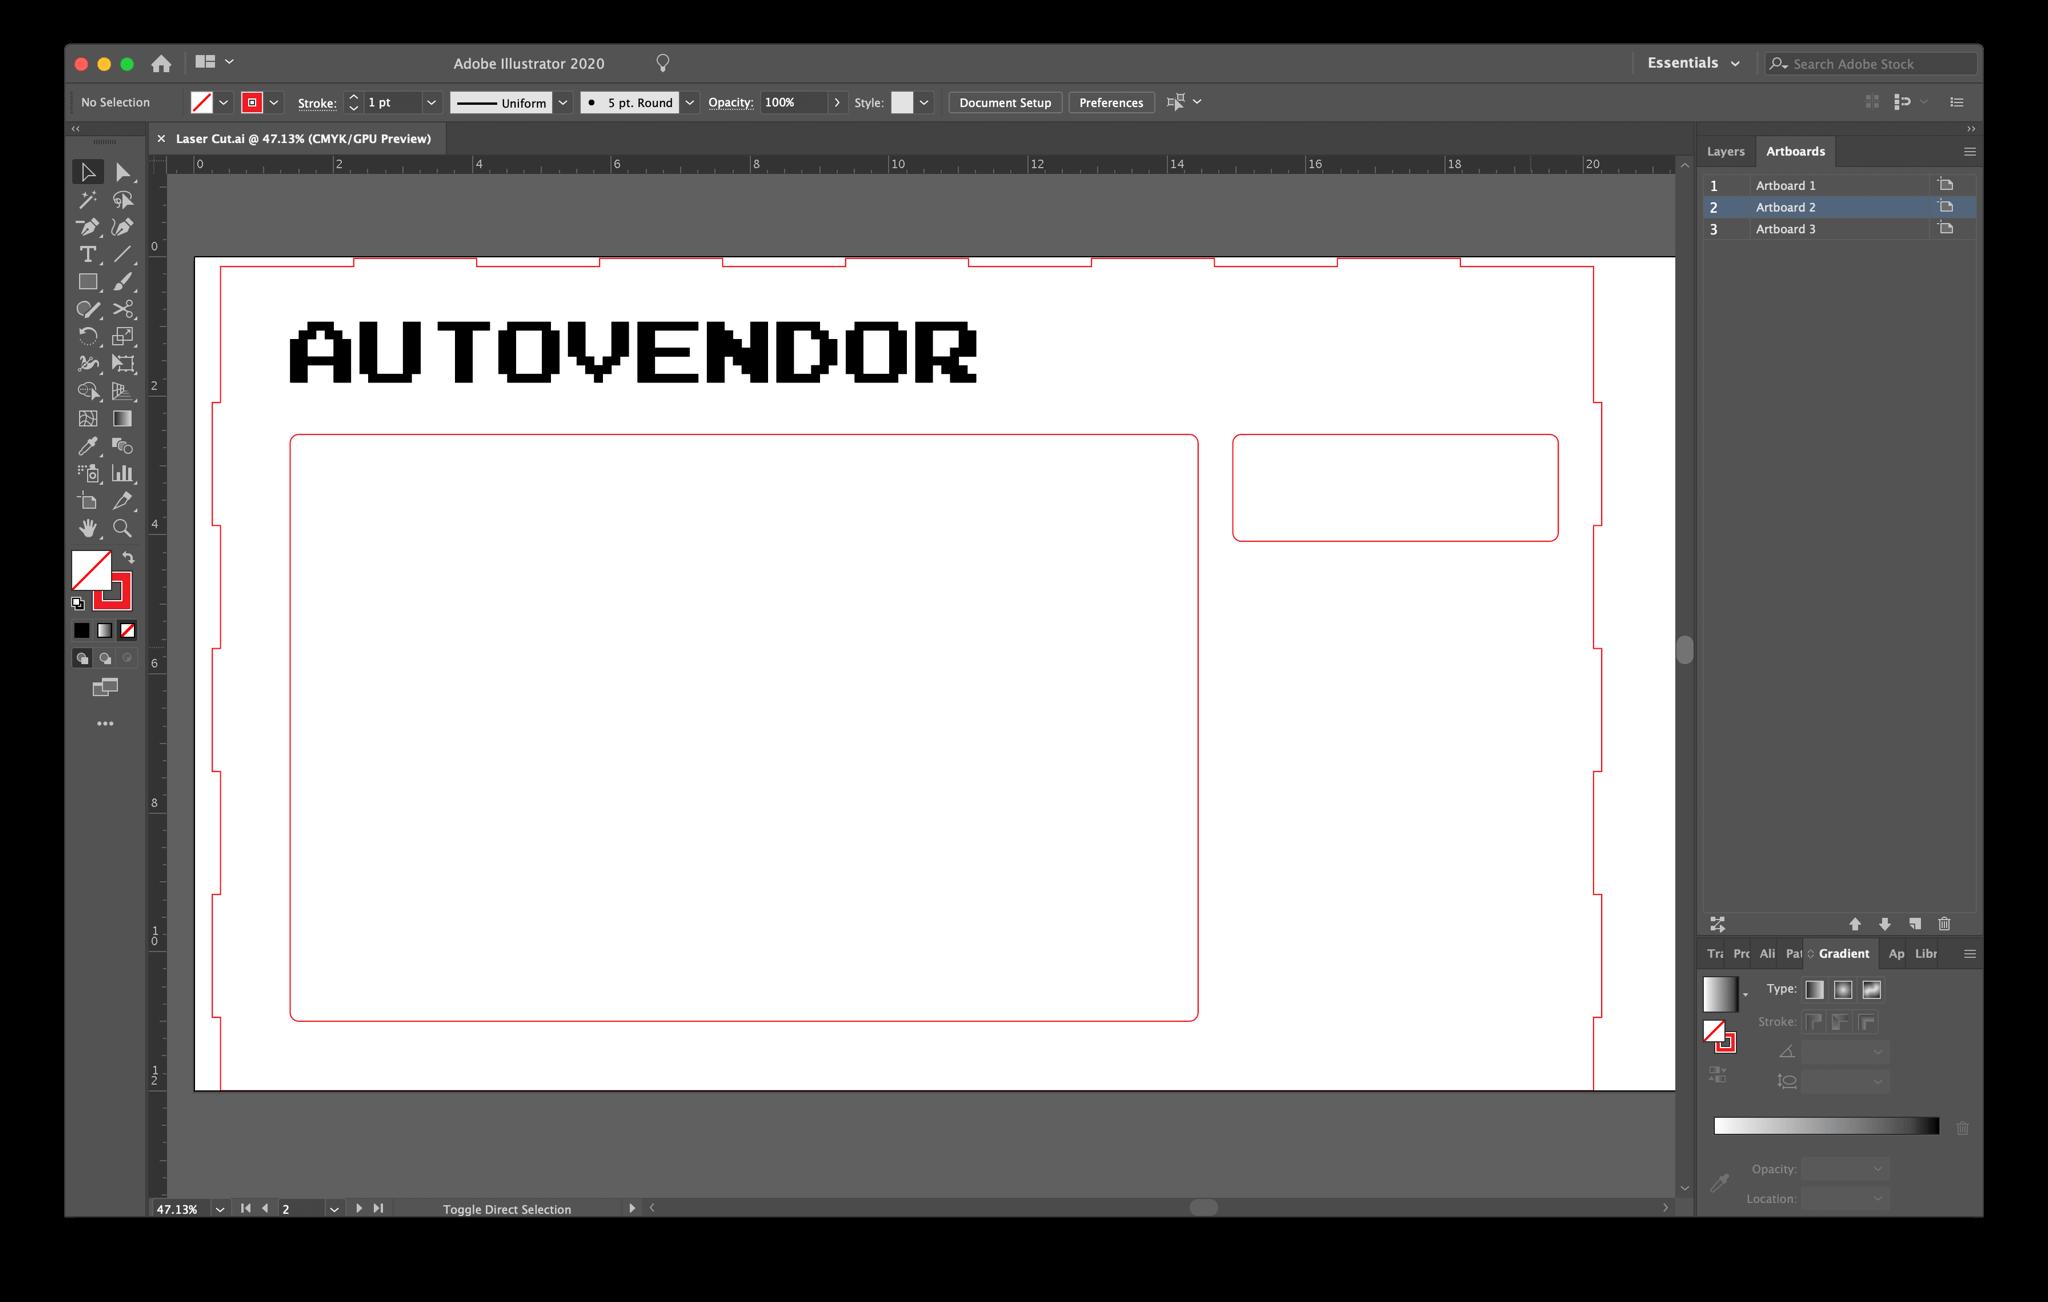 Screenshot of front panel cutting/engraving pattern in Adobe Illustrator